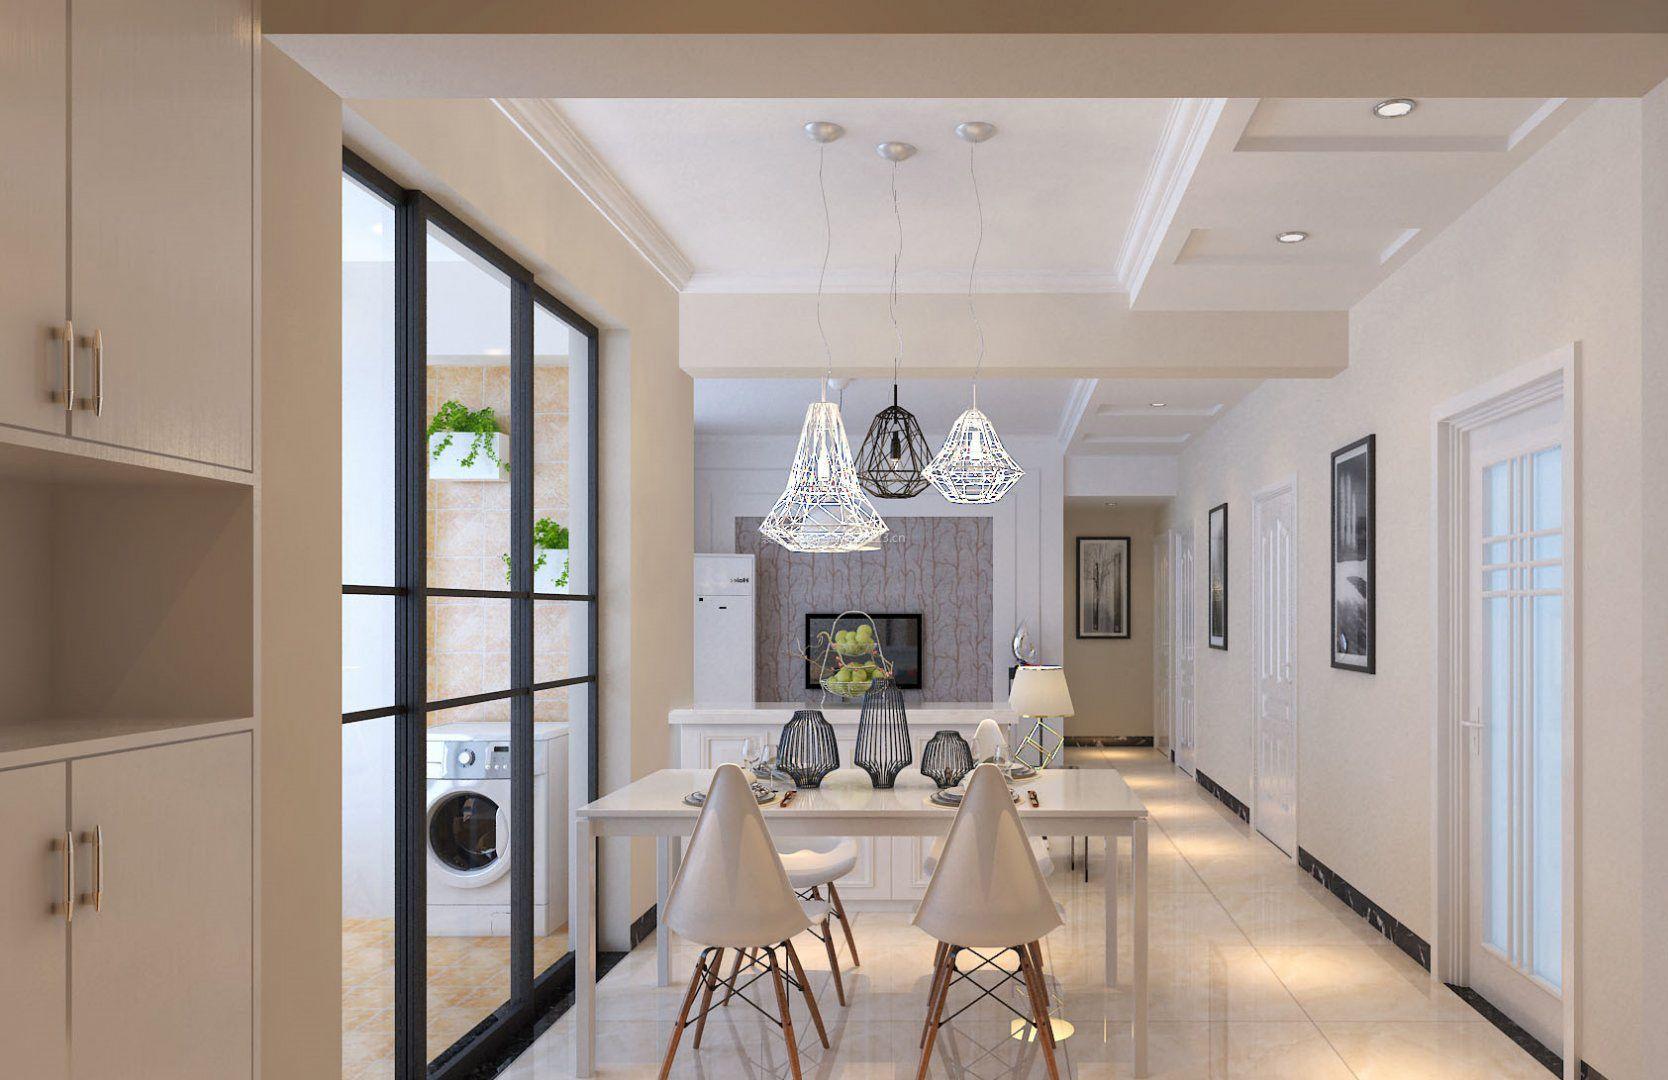 家装效果图 餐厅 简欧风格餐厅过道吊顶效果图 提供者:   ← → 可以